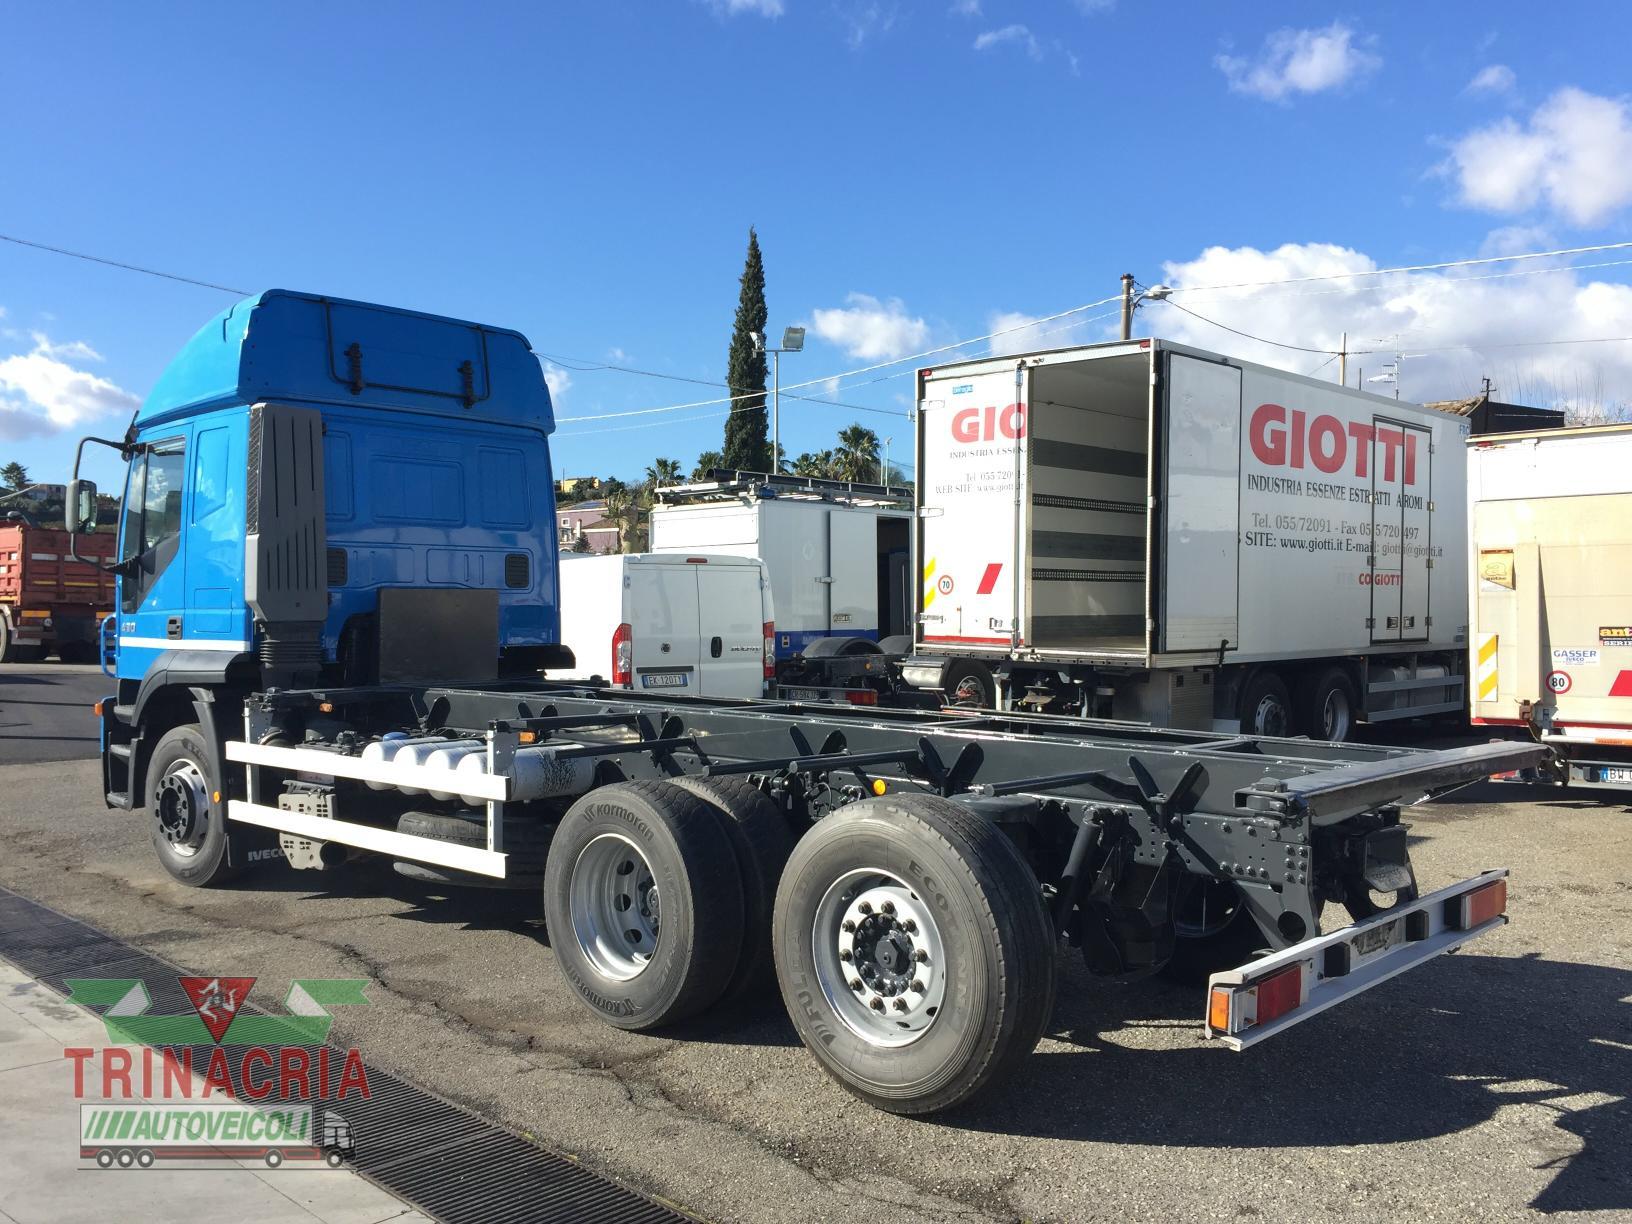 Furgoni usati veicoli commerciali usati usato furgoni autos post - Valutazione mobili usati ...